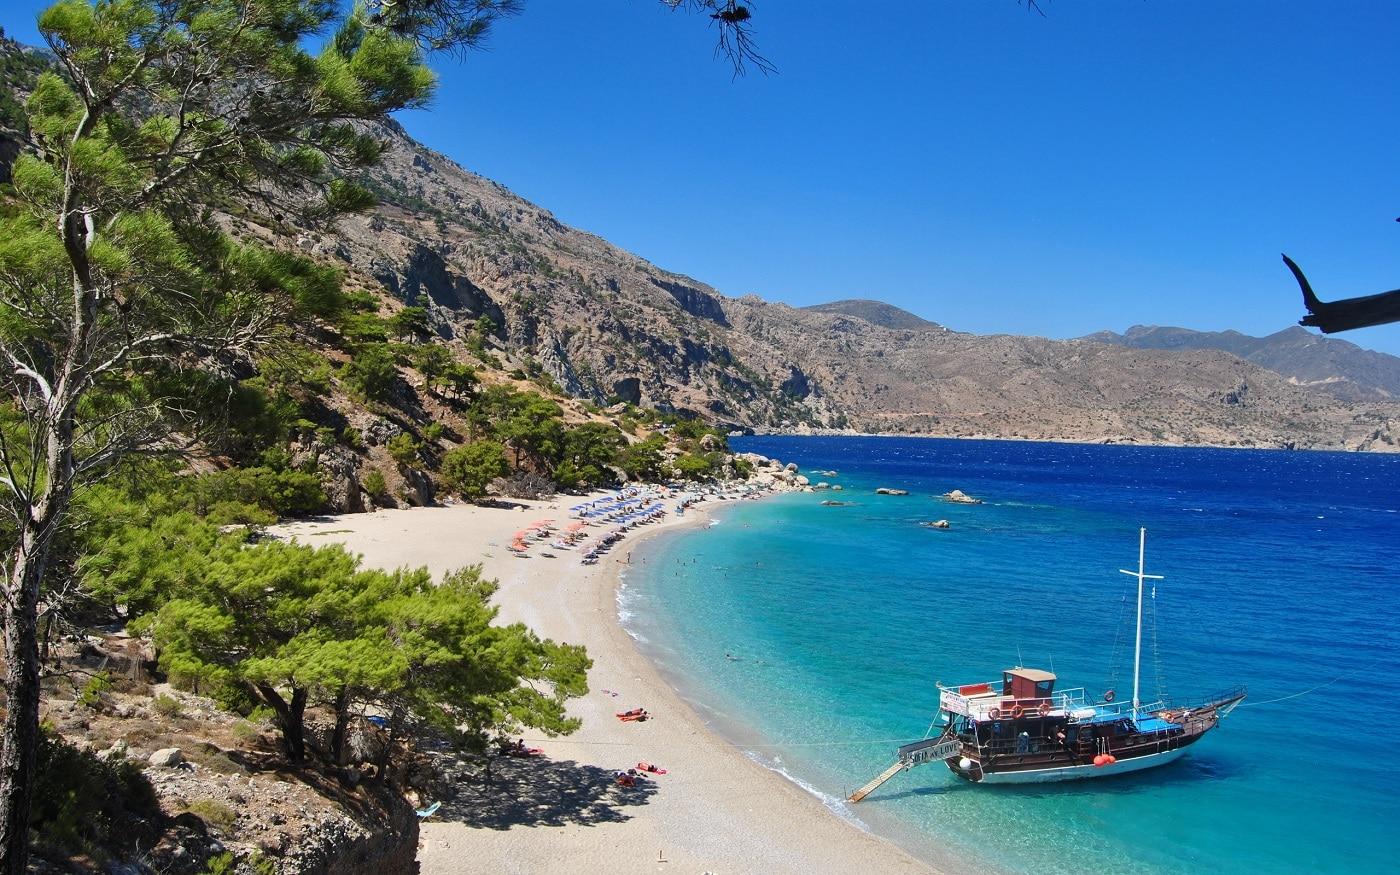 Peisajele din Creta sunt uimitoare